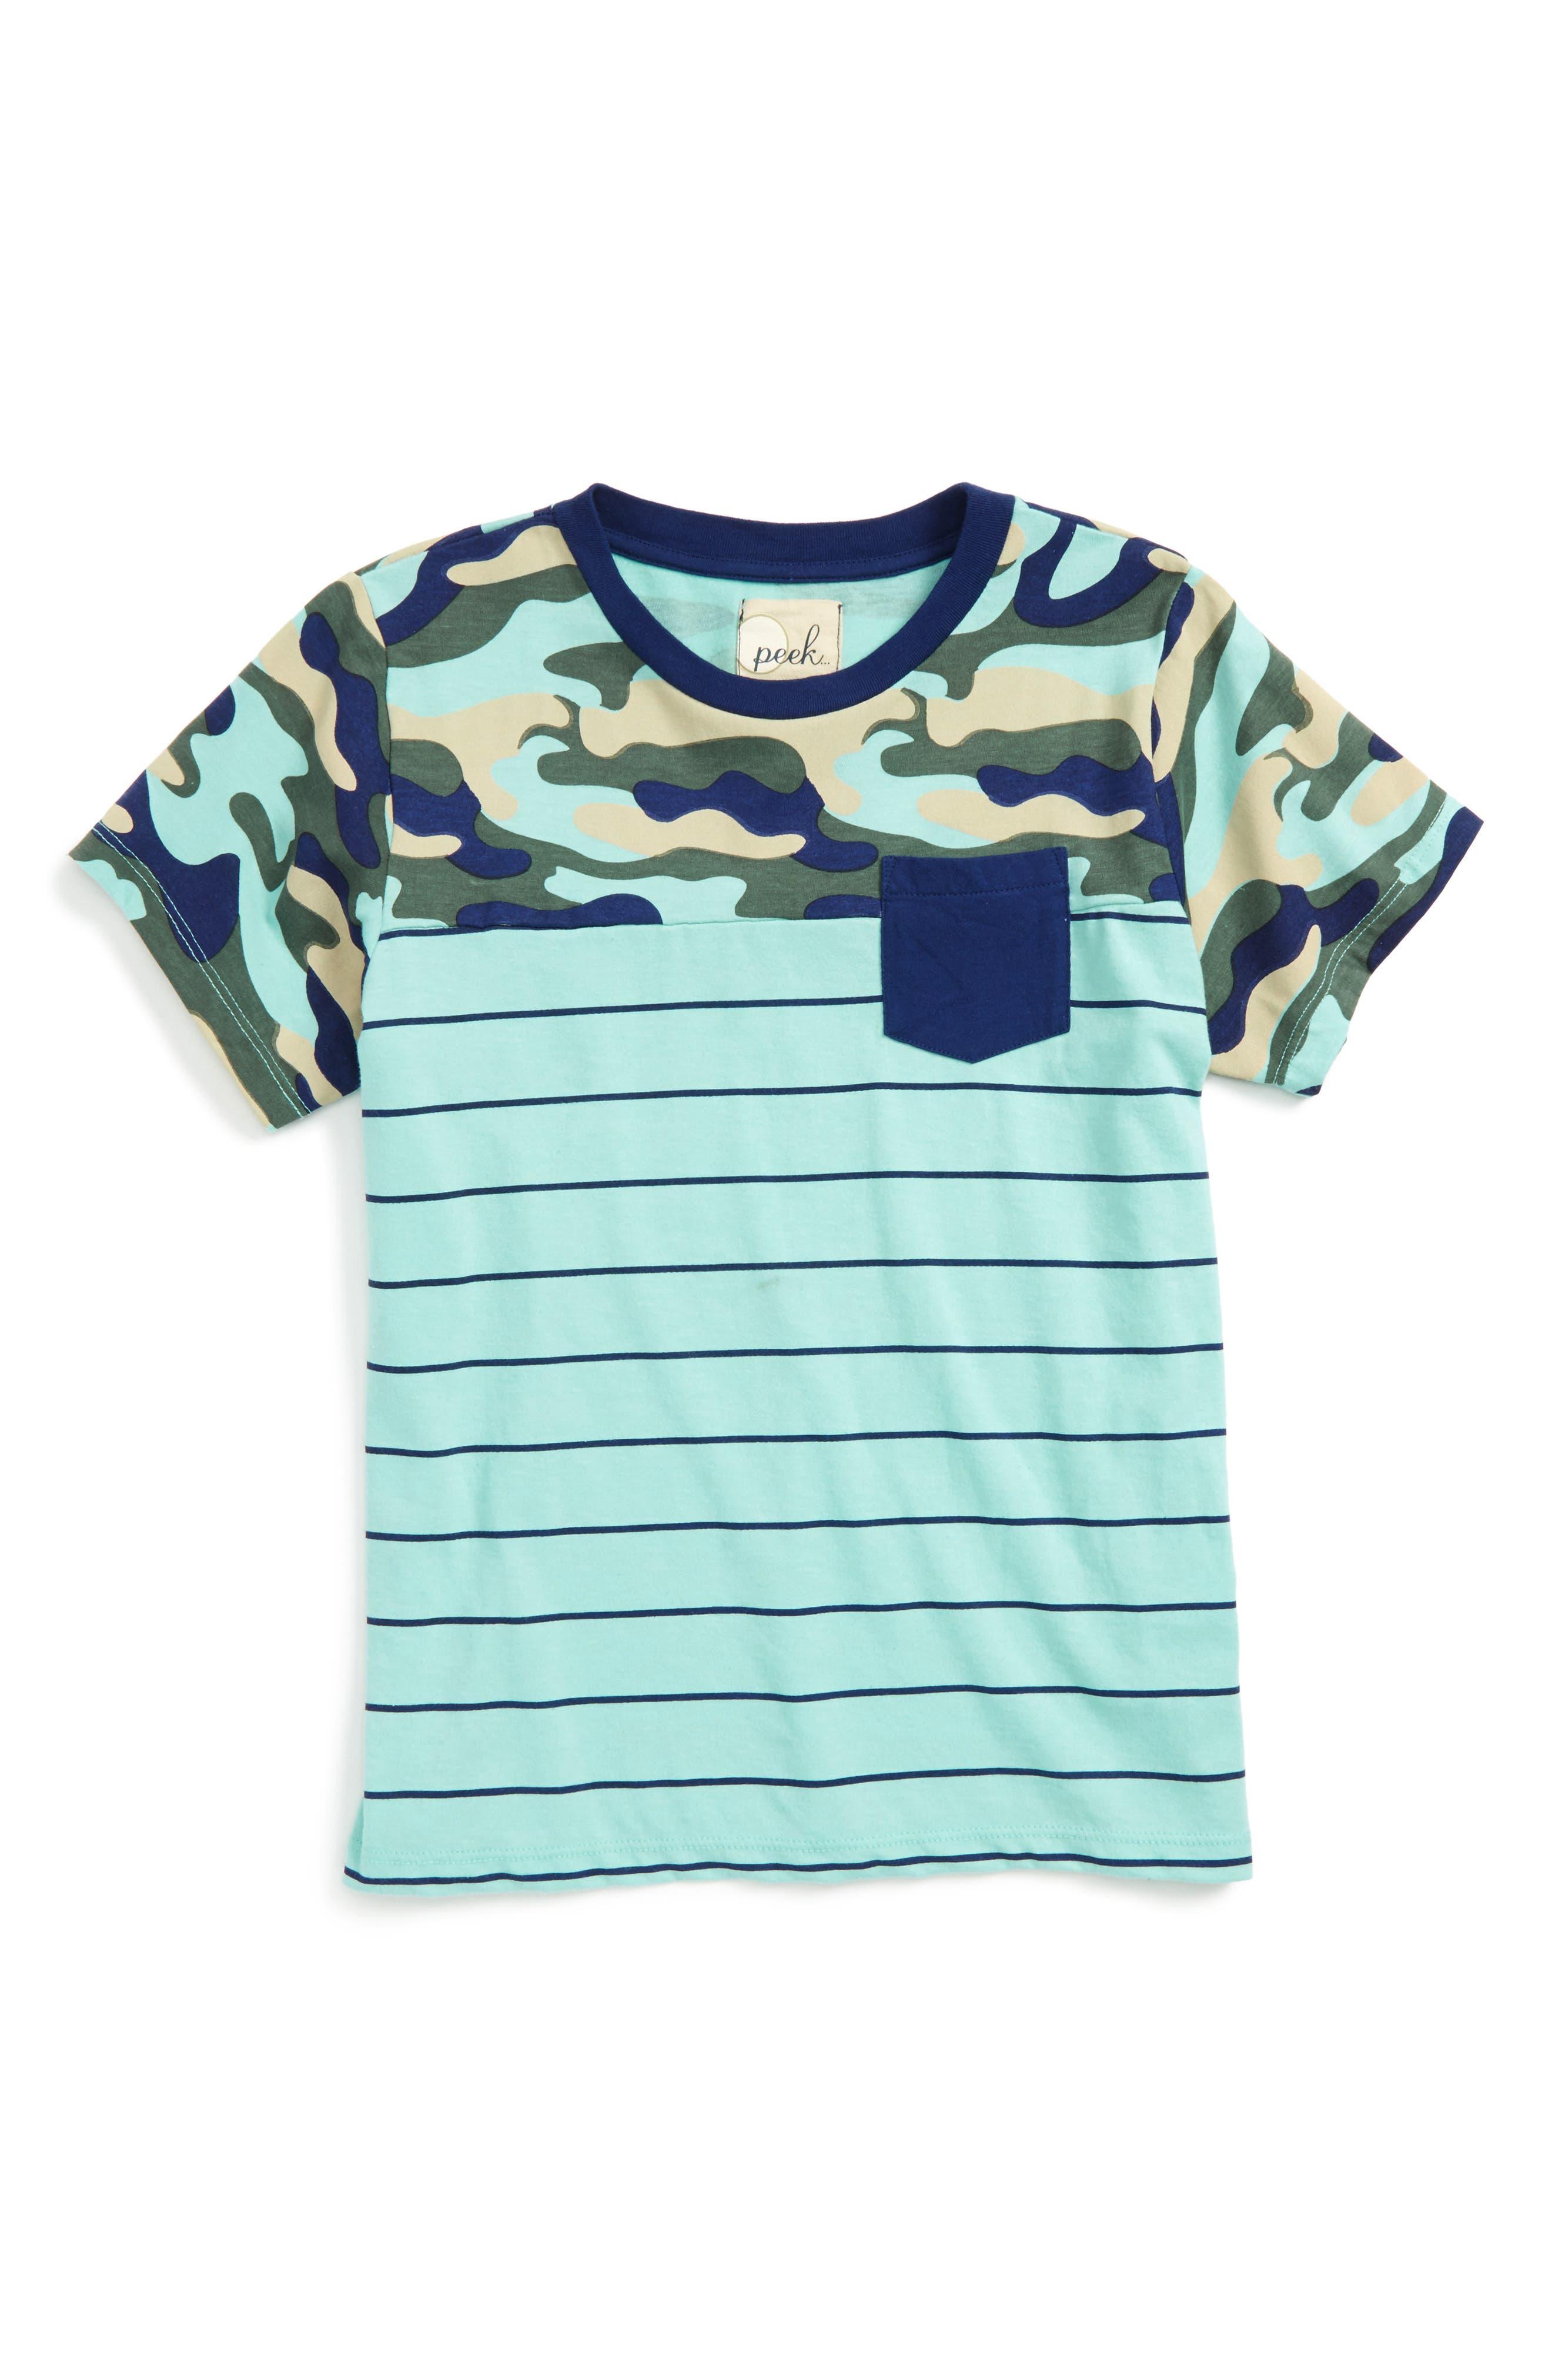 Brett Camo Pocket T-Shirt,                         Main,                         color, Aqua